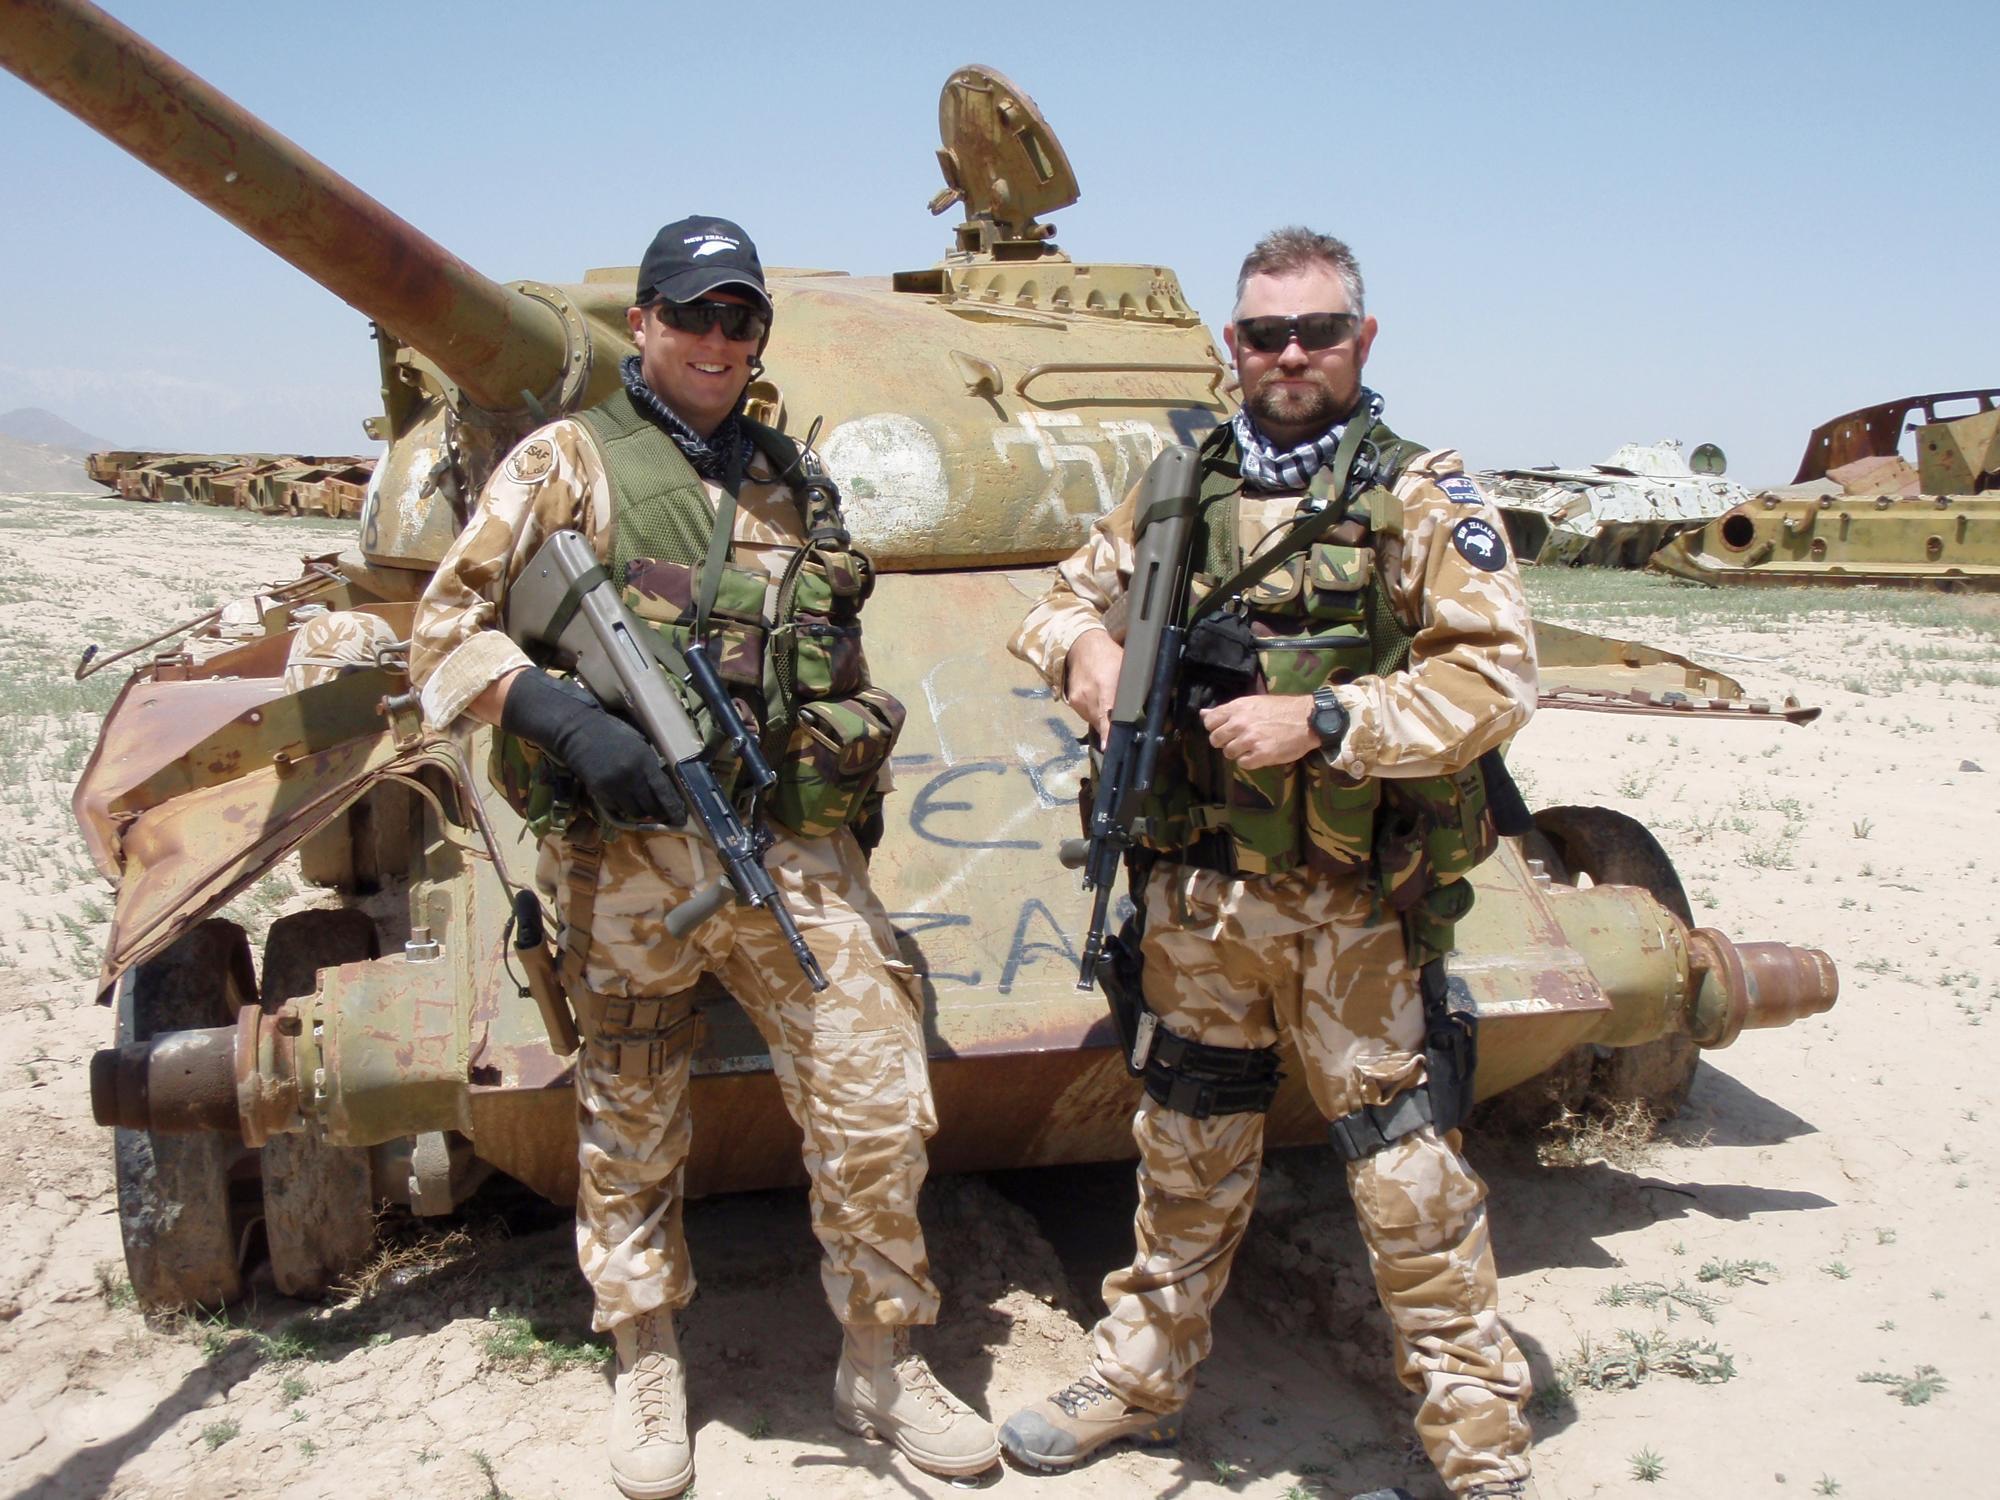 afghanistan-nz-troops-russian-tank1.jpg